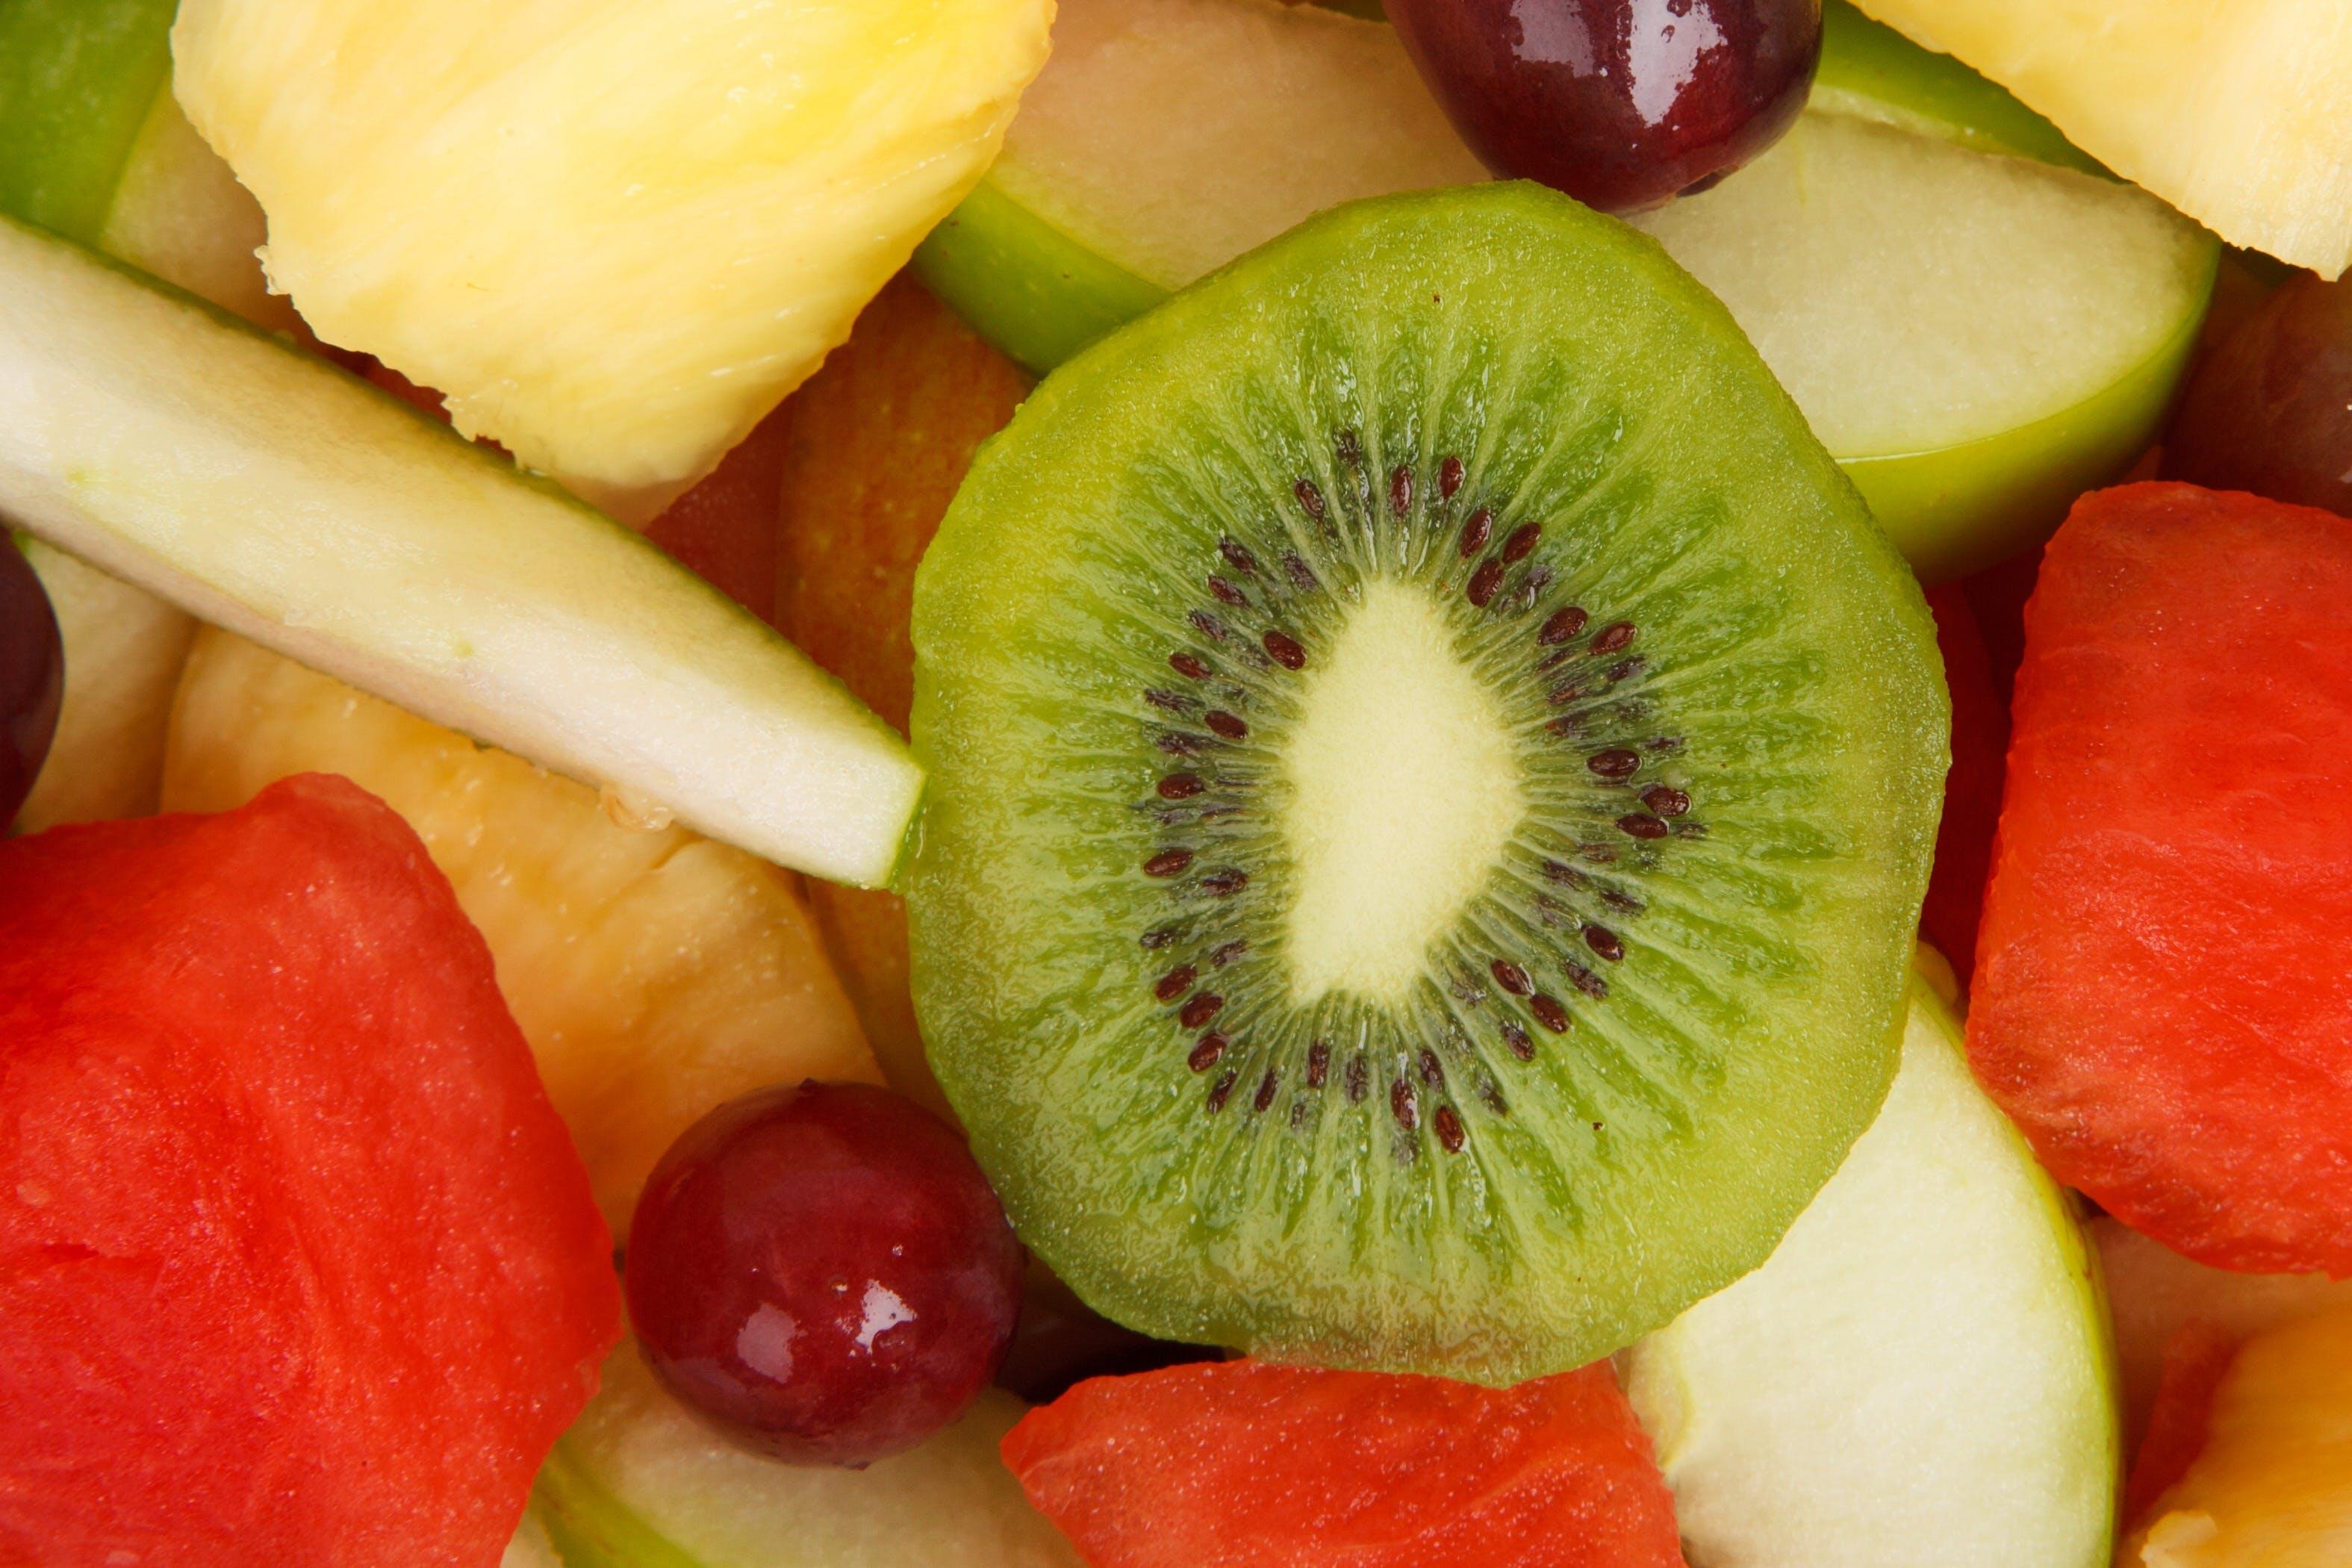 Kostenloses Stock Foto zu apfel, essen, frisch, früchte